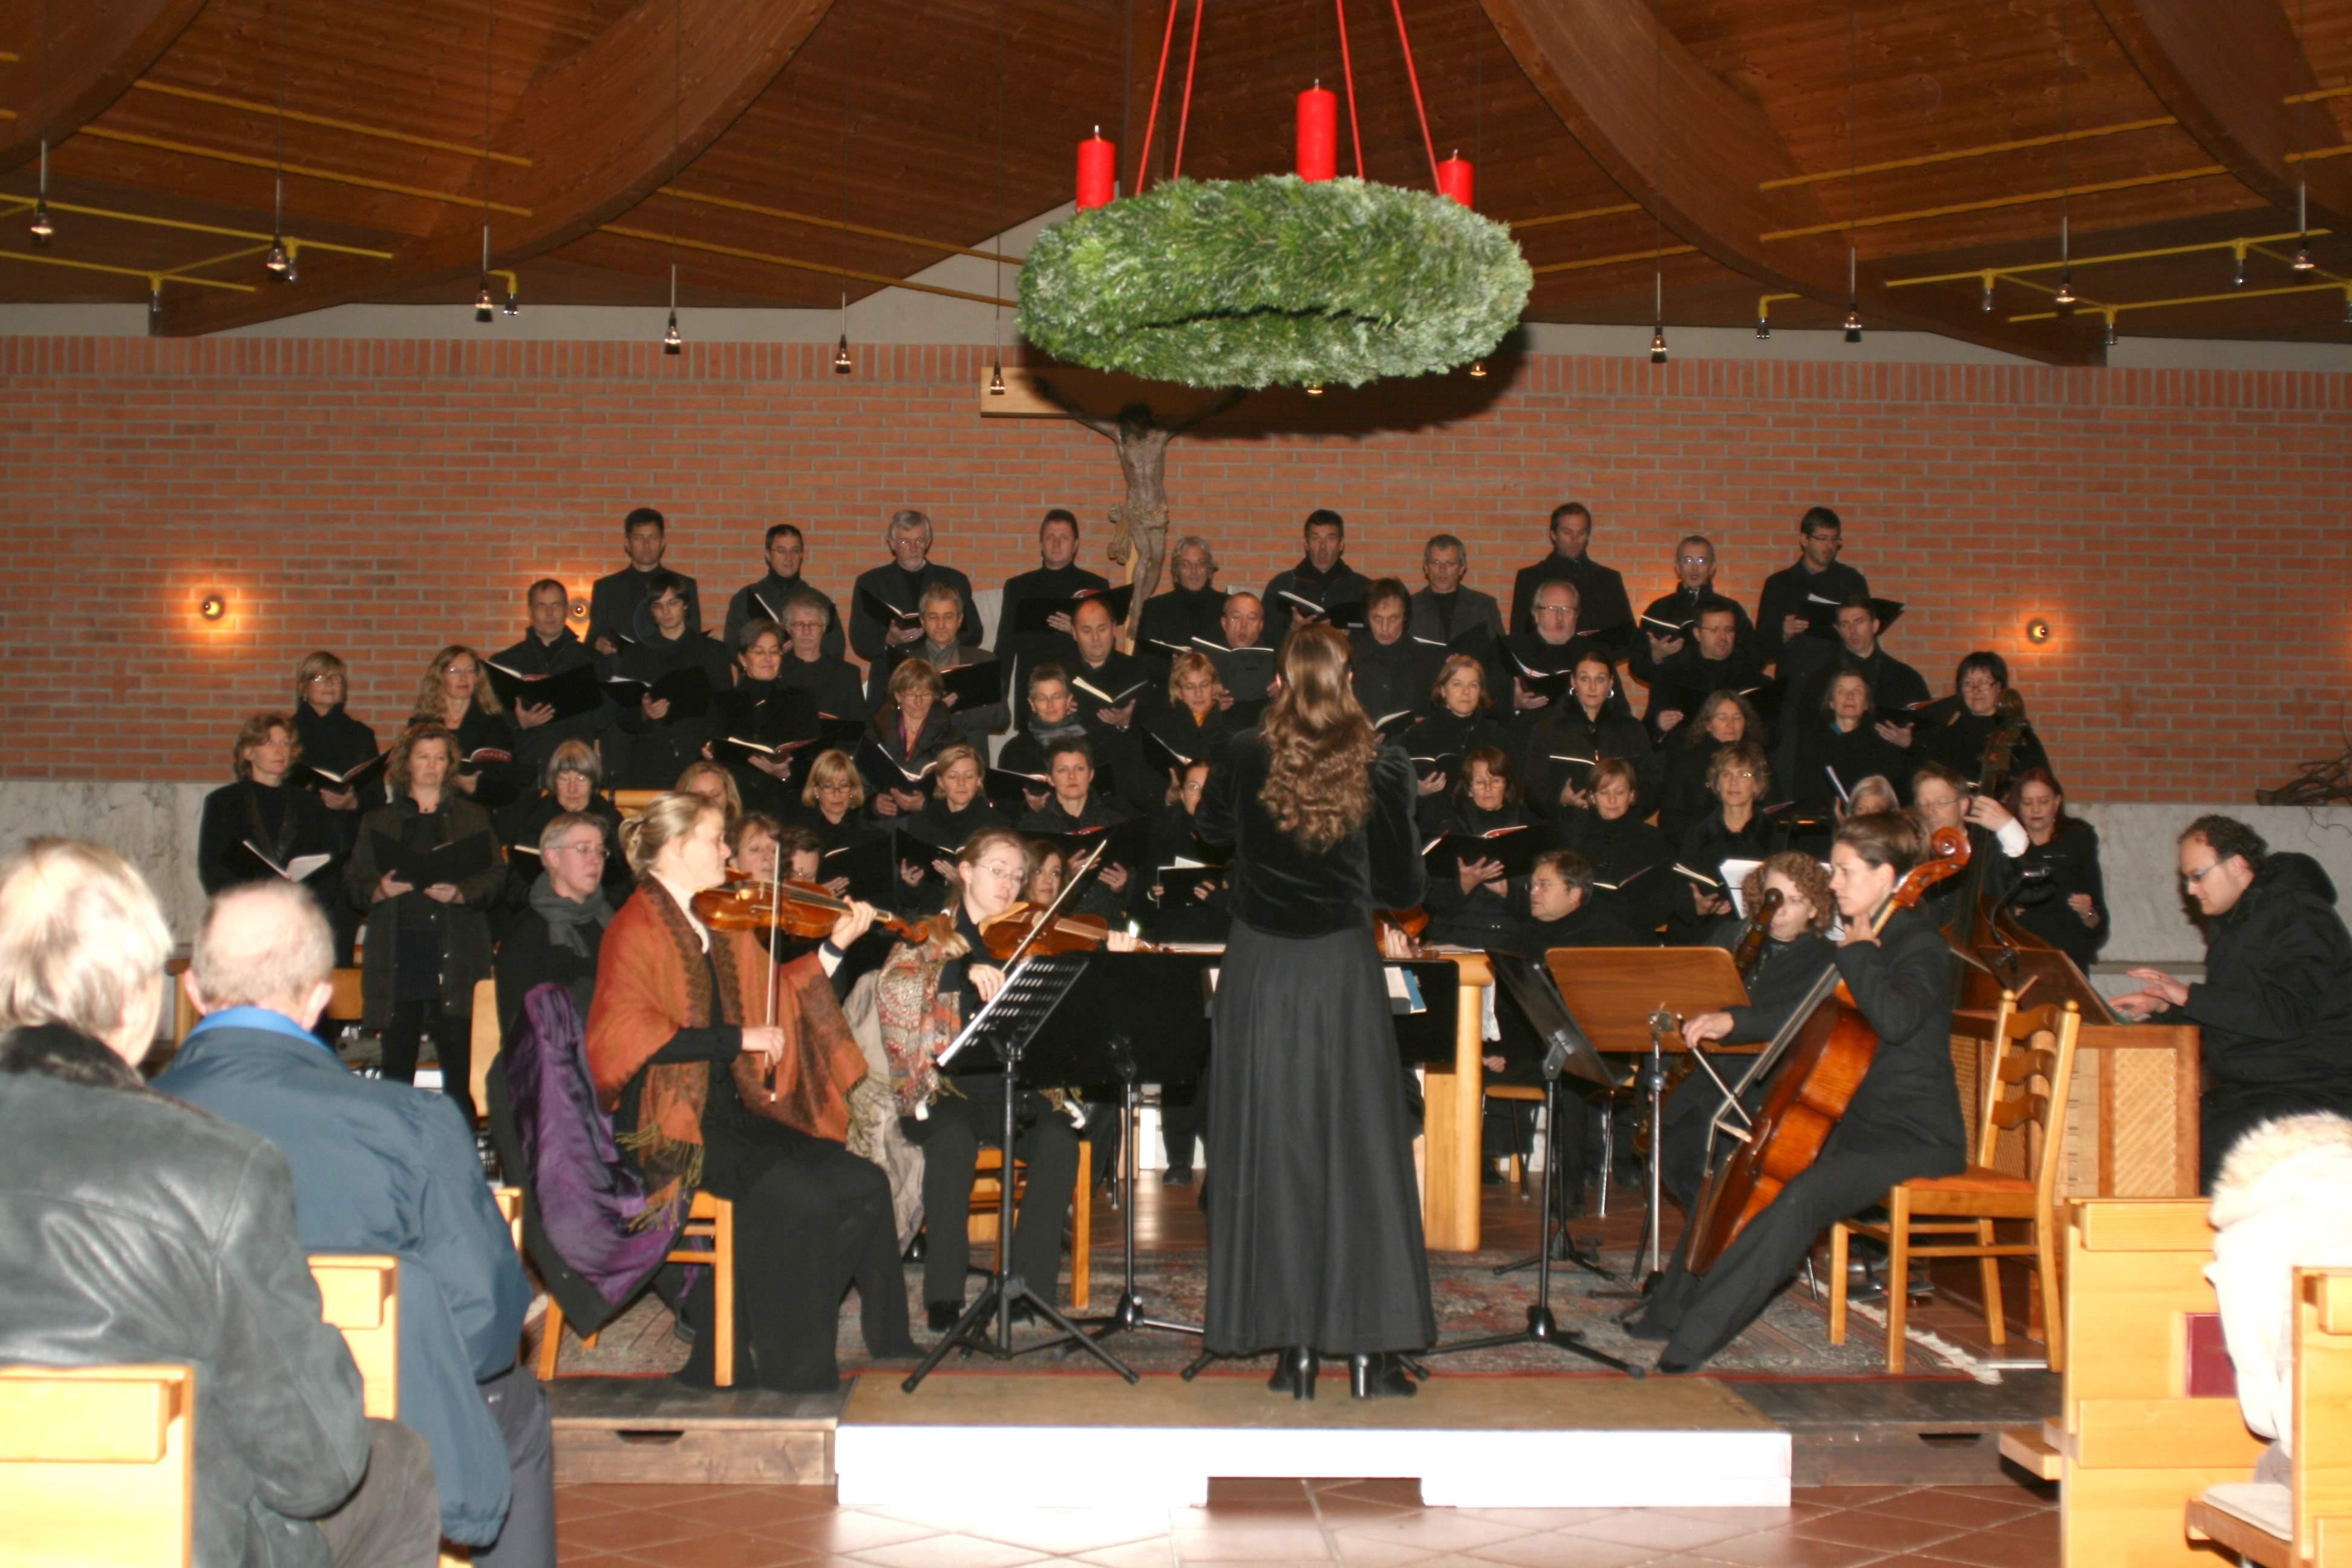 Bach-Konzert zum 1. Advent - Chor & Barockorchester Cantomania I